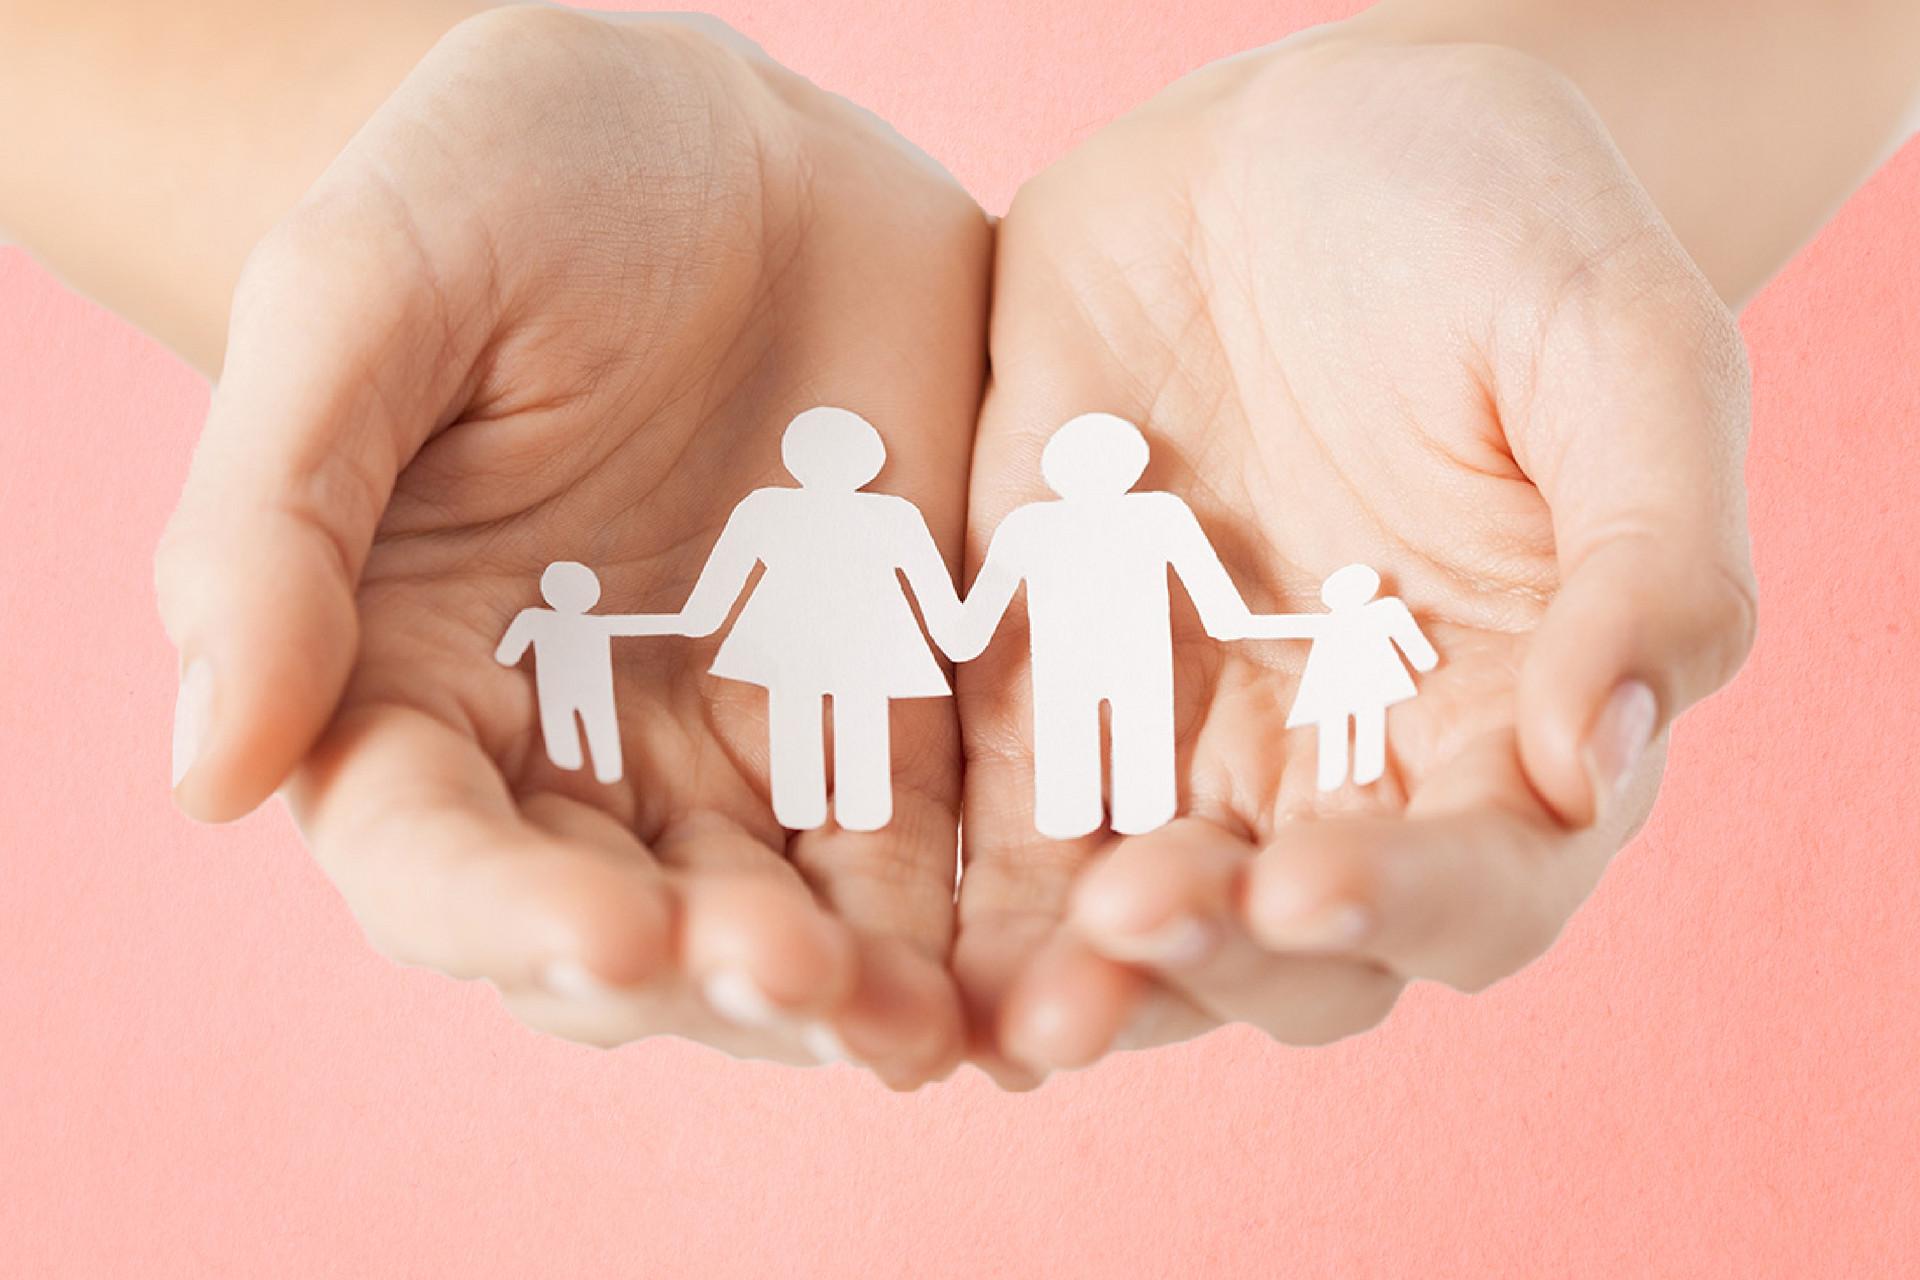 如果连保险都不买,又如何能保障家人的幸福呢